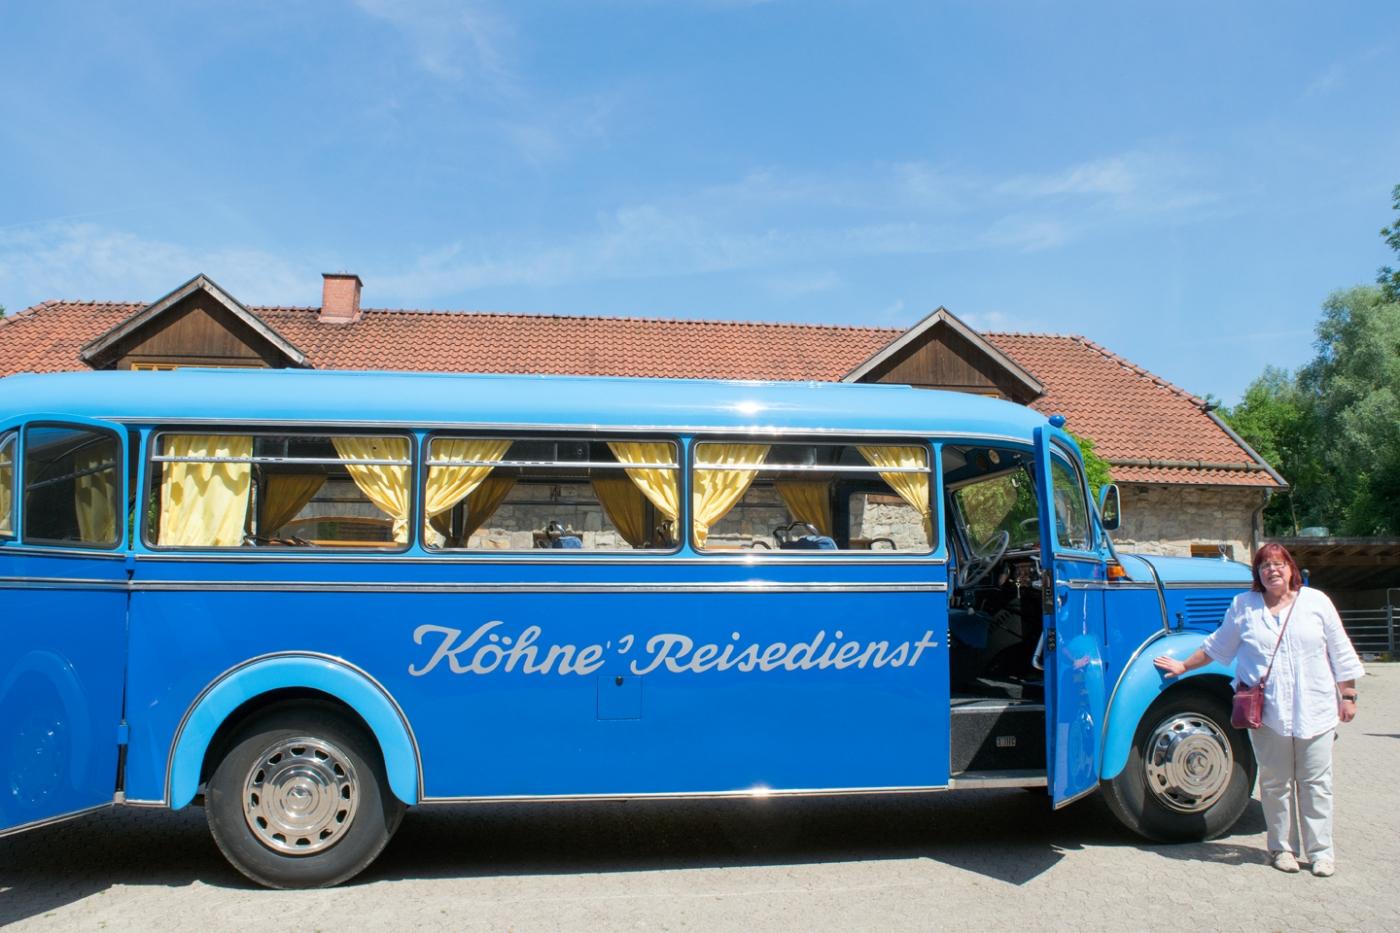 Lipperland Tour mit dem blauen Köhne Bus